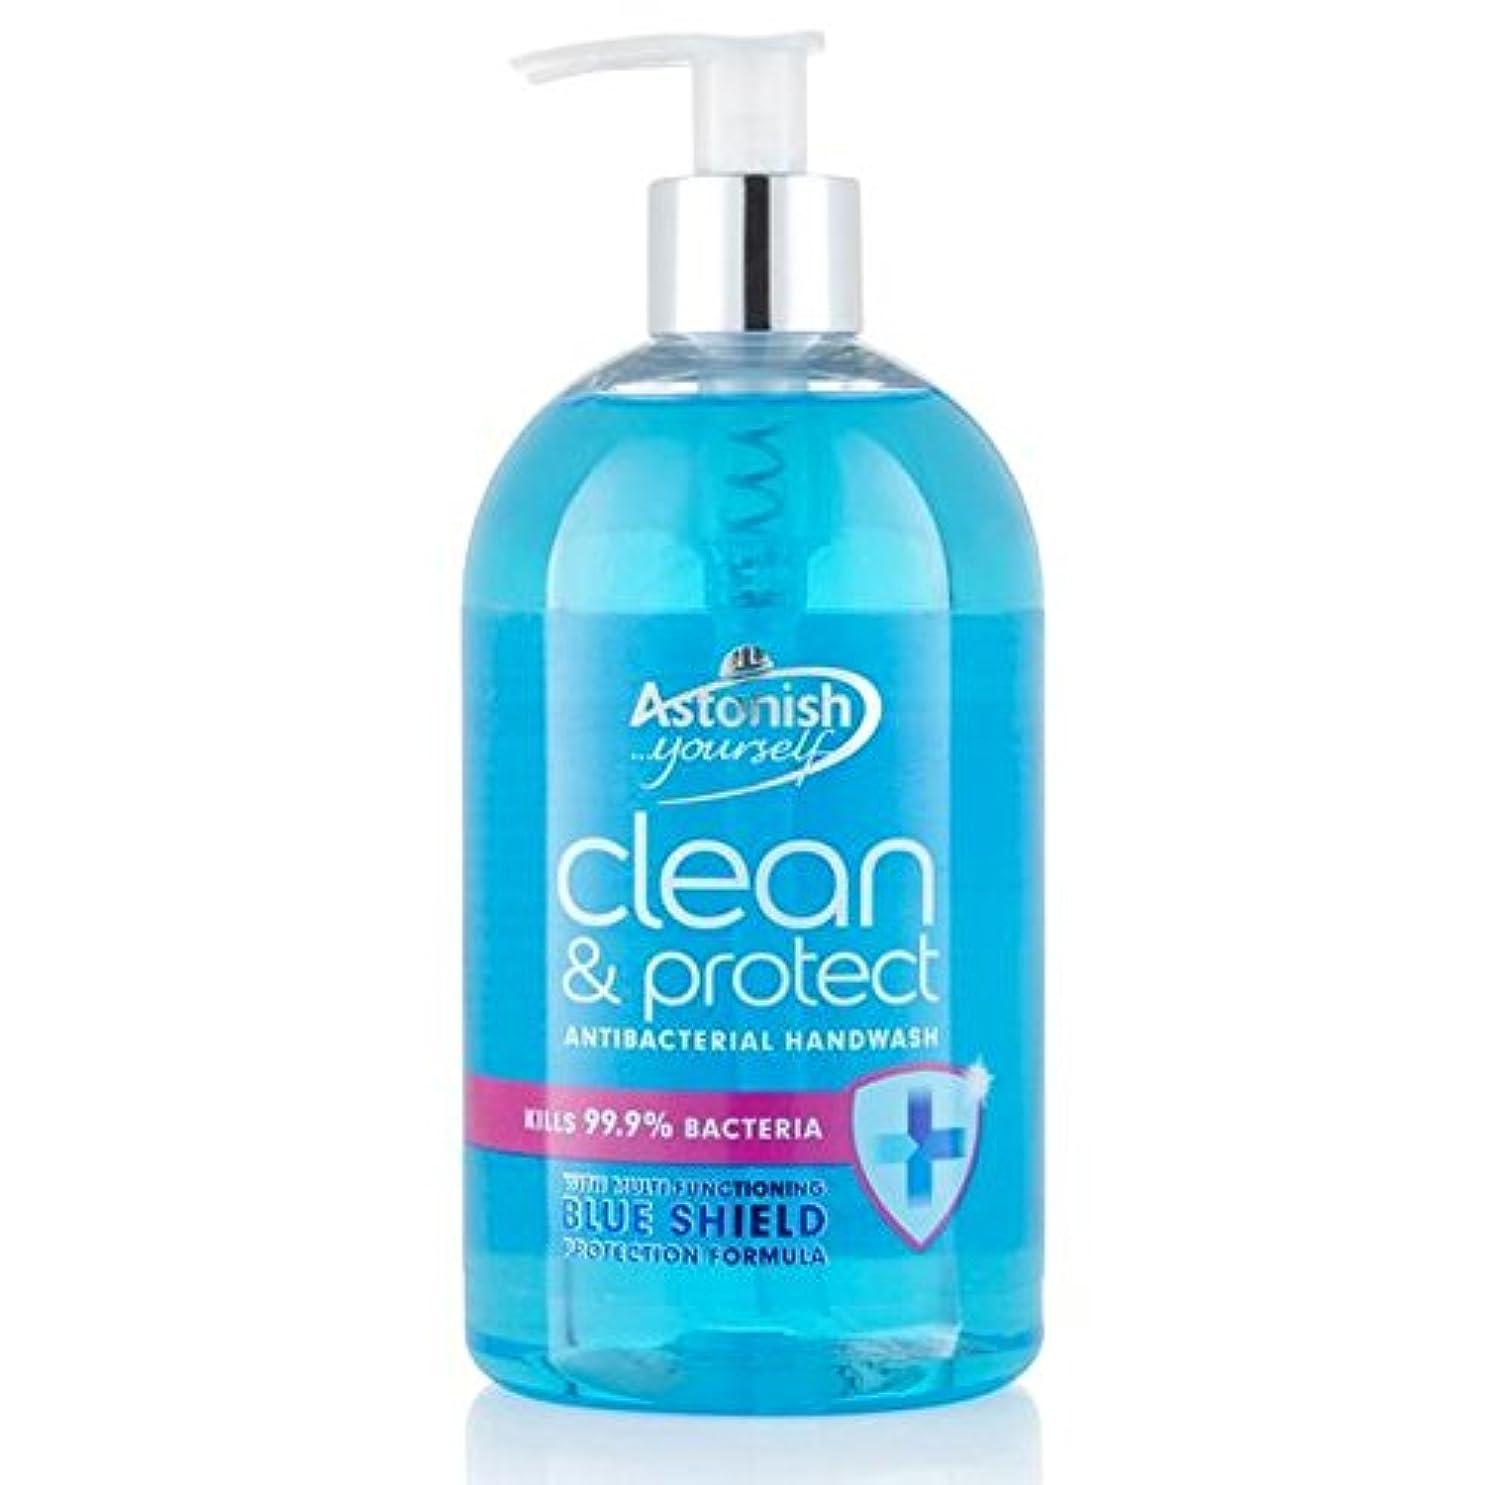 セクタ明らかにする短くするAstonish Clean & Protect Hand Wash 500ml - クリーン驚か&ハンドウォッシュ500ミリリットルを保護 [並行輸入品]